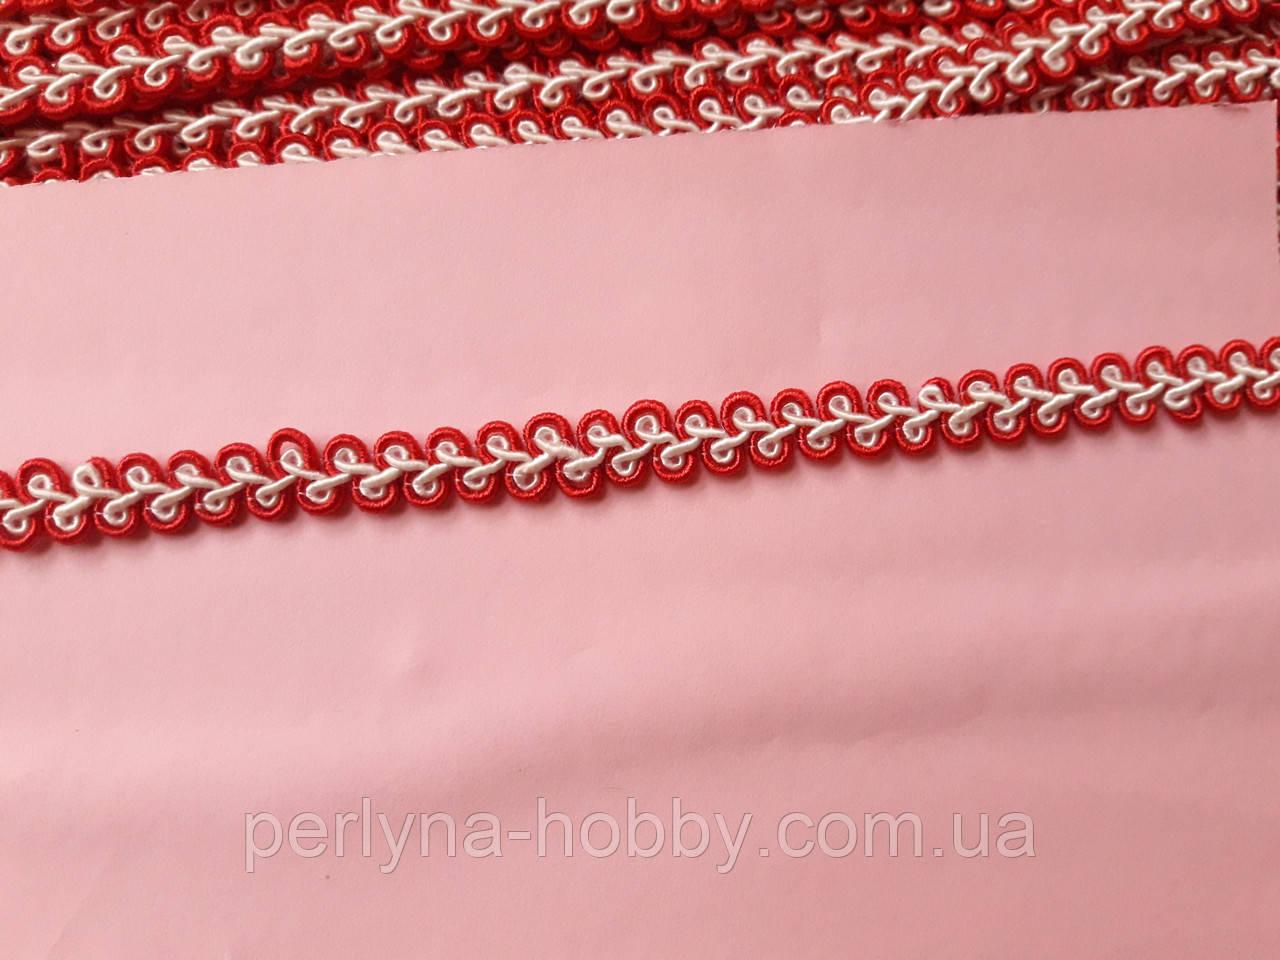 Тасьма  декоративна шанель вузька 6-7 мм, червона зі салатовим